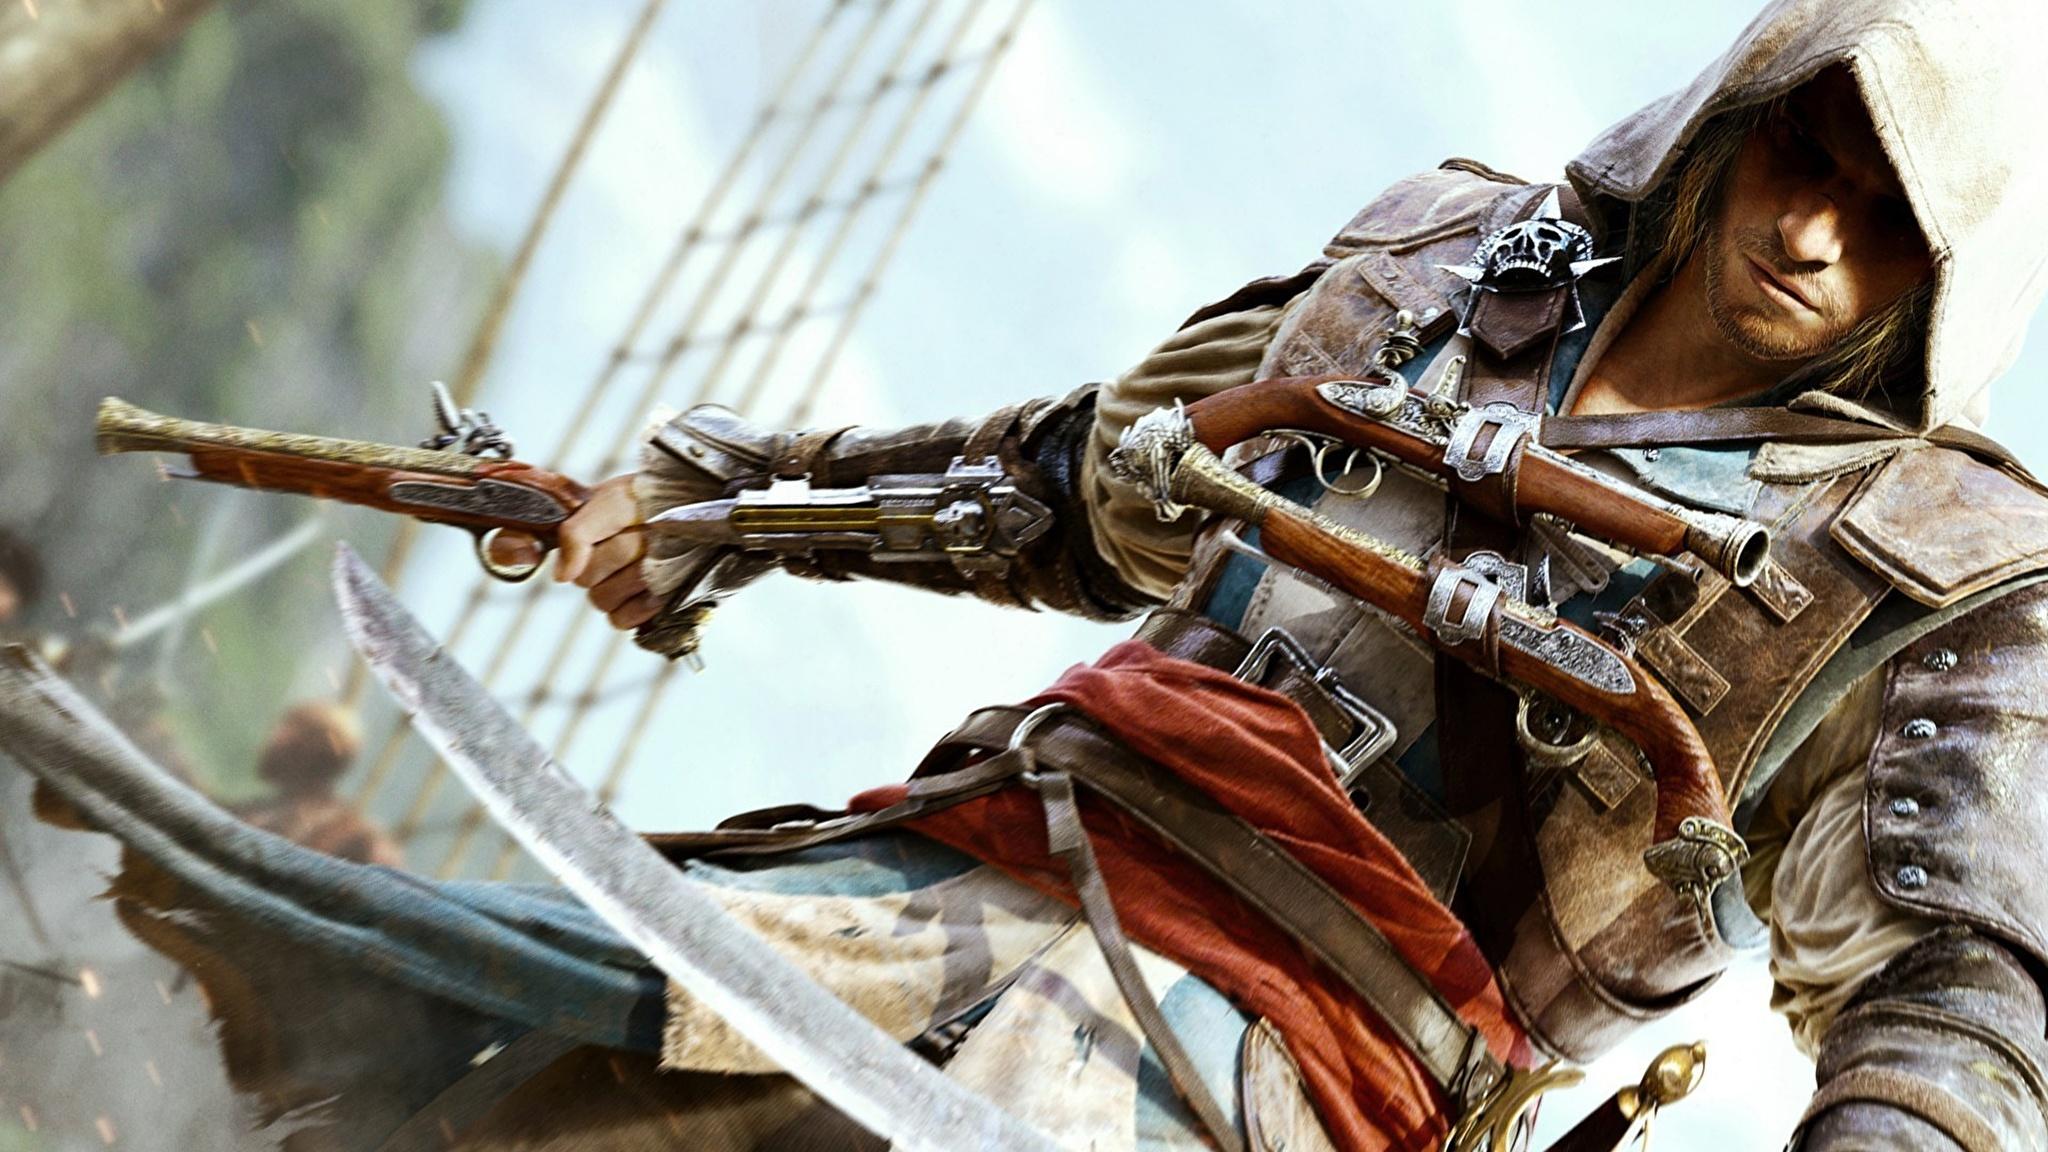 пираты карибского моря 5 обои на рабочий стол 1280х1024 № 220591  скачать